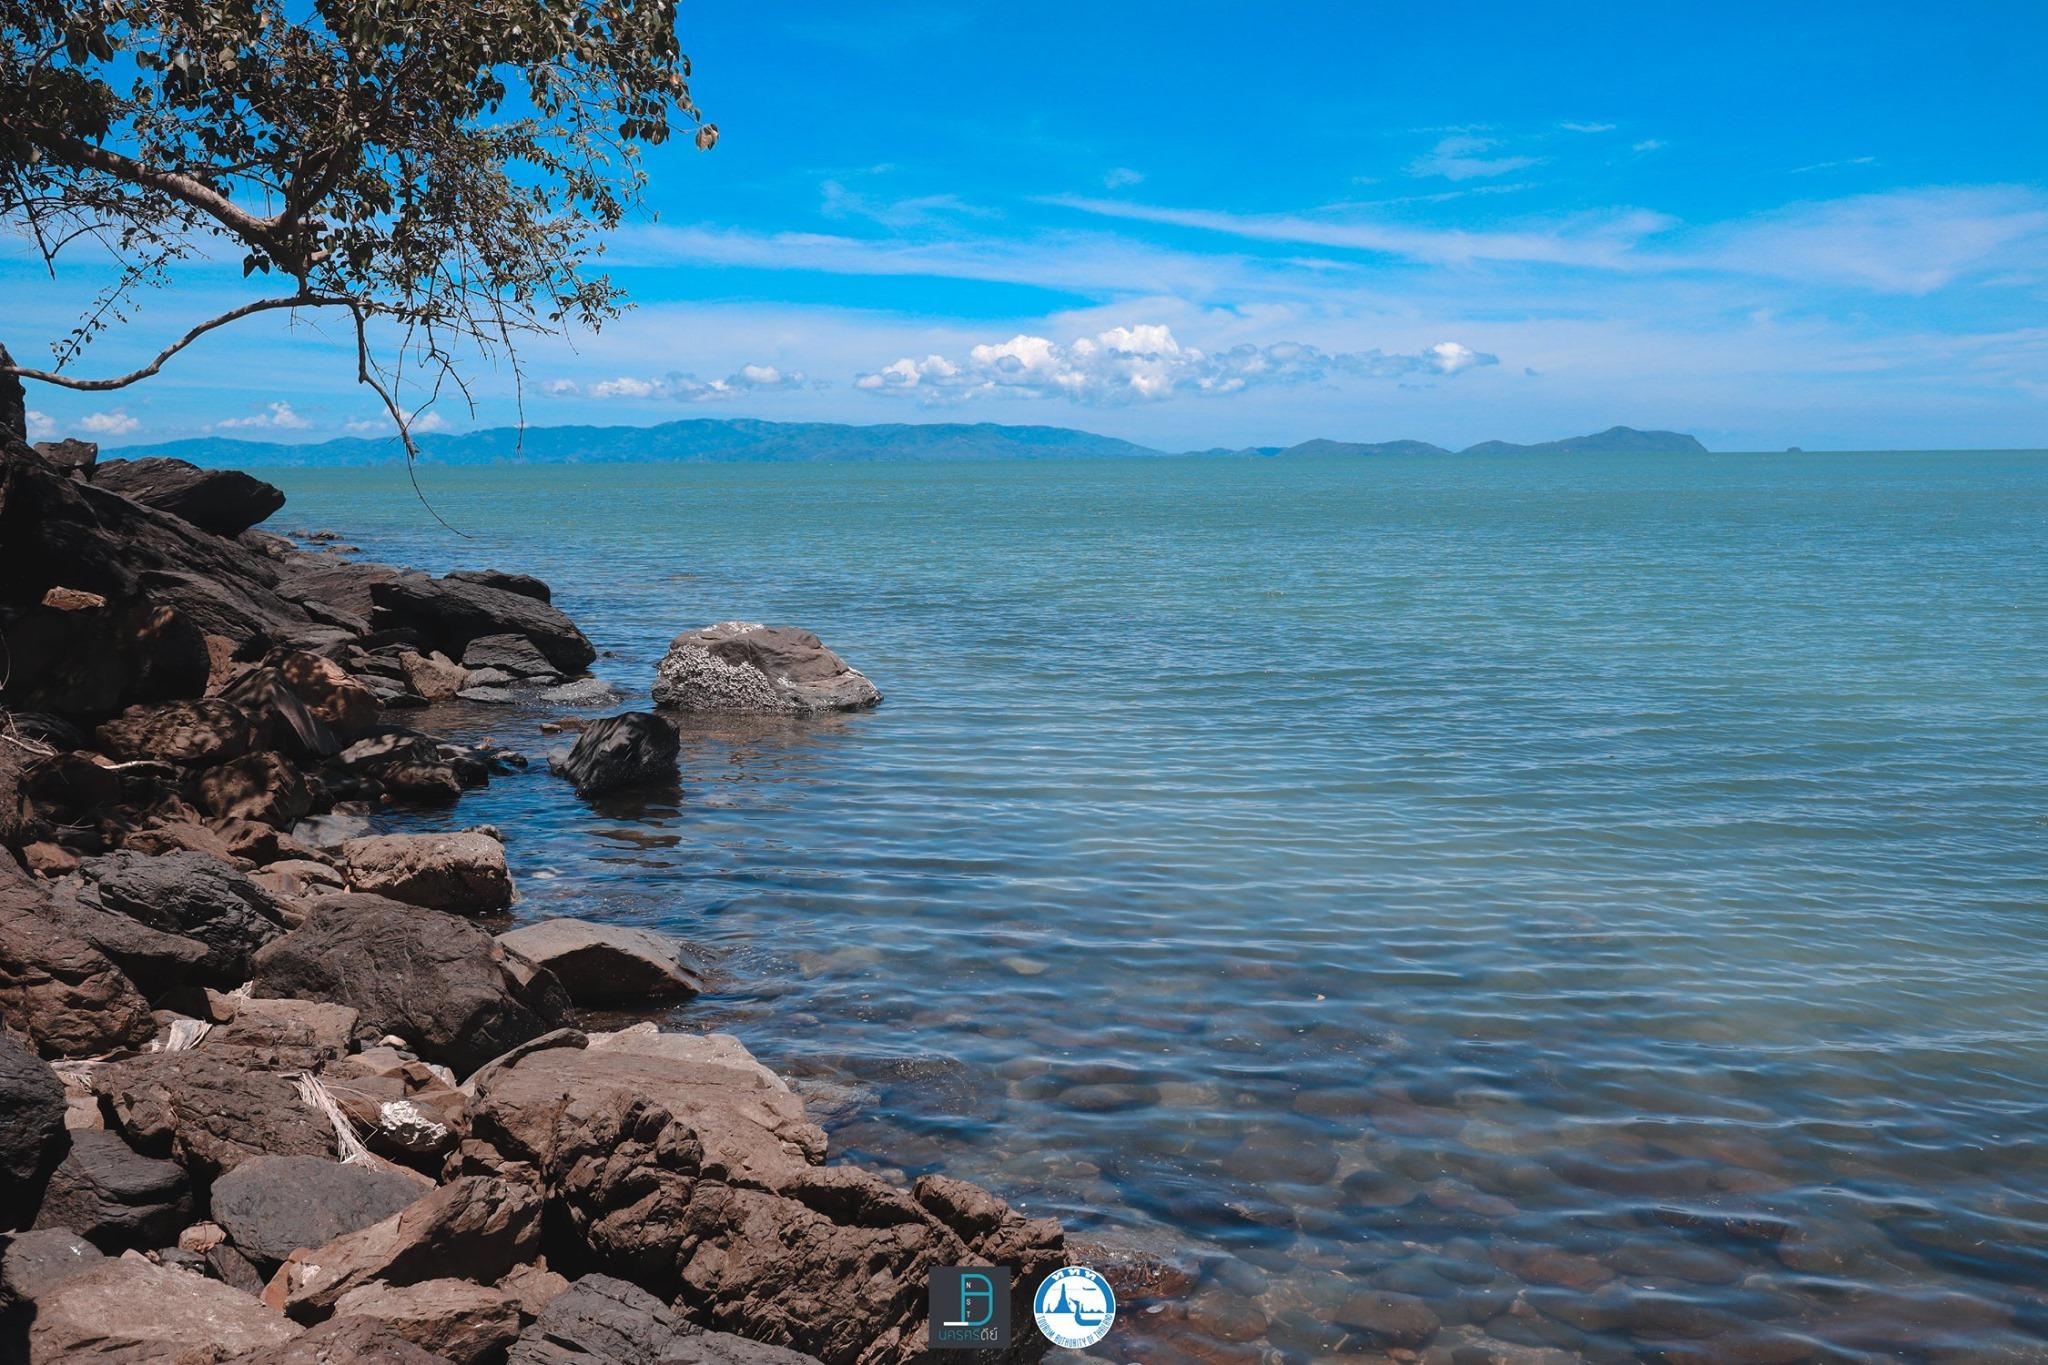 20 จุดเช็คอินนครศรีธรรมราช 2020 ธรรมชาติ ทะเล เส้นทางโกโก้ เครื่องถม นครศรีดีย์